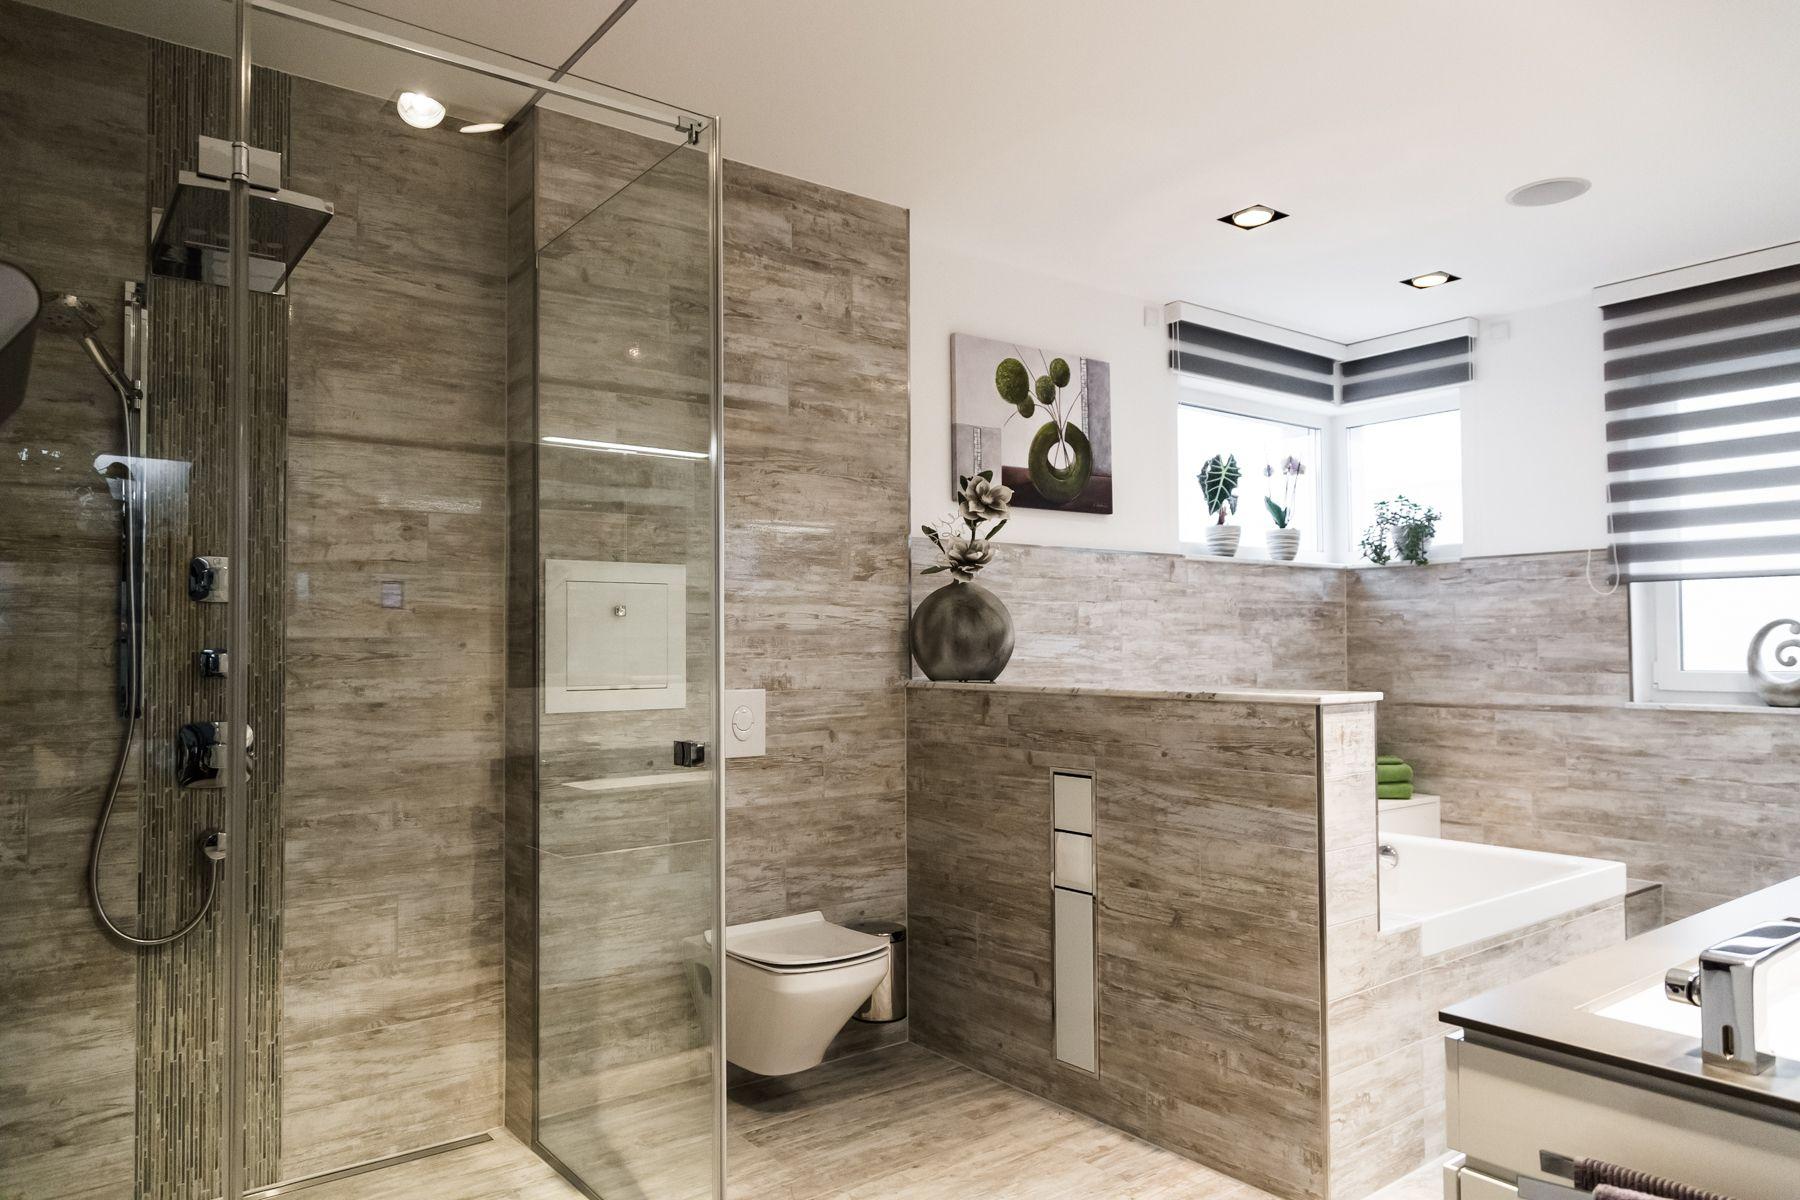 Startseite Badezimmer Fliesen Badezimmer Planen Grosse Badezimmer